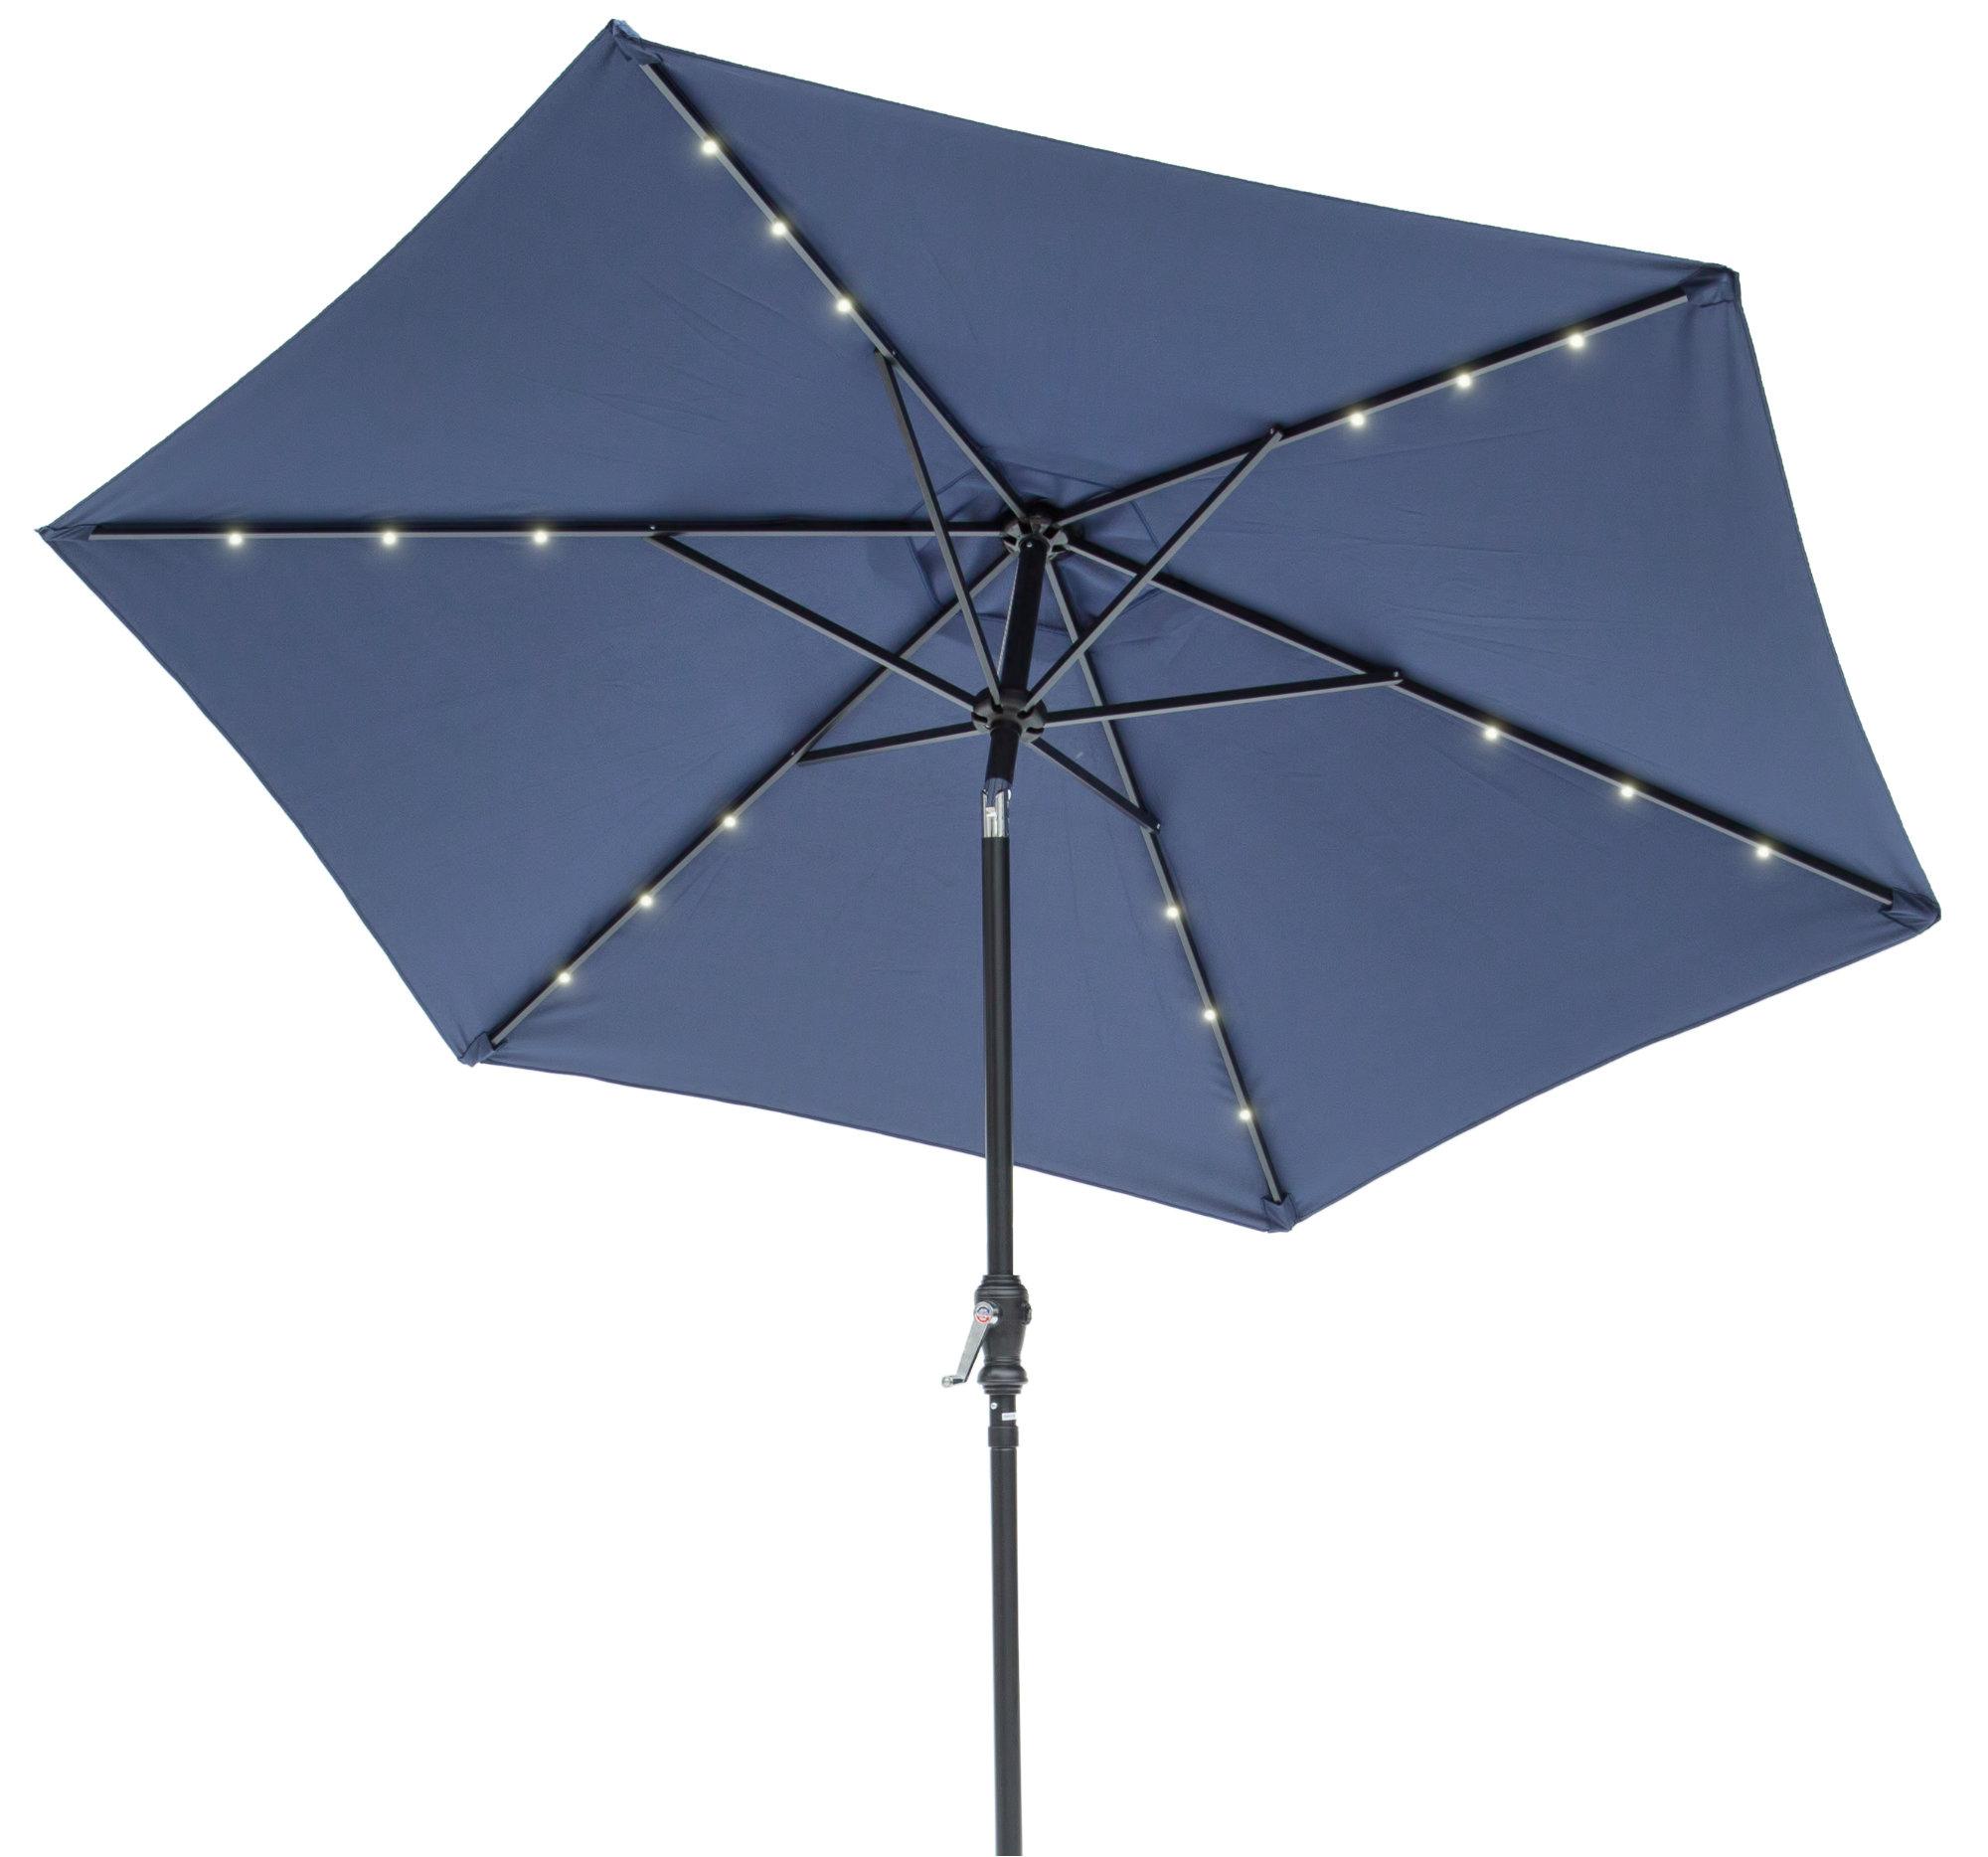 2020 Herlinda Solar Lighted 9' Market Umbrella Pertaining To Fairford Market Umbrellas (Gallery 12 of 20)